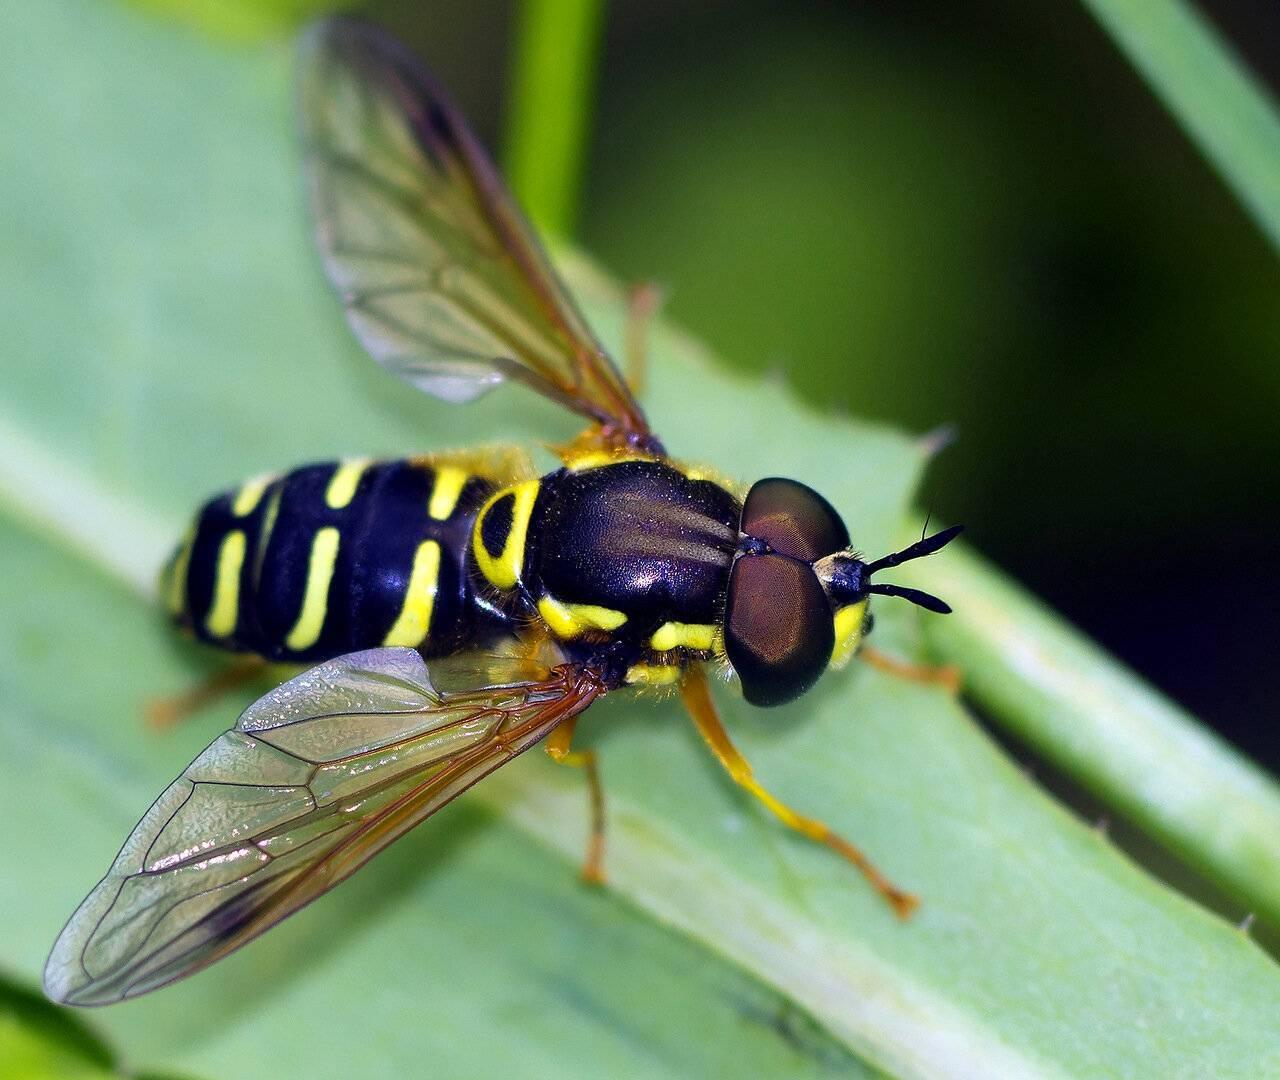 Стоит ли опасаться навозных мух. зеленая навозная муха